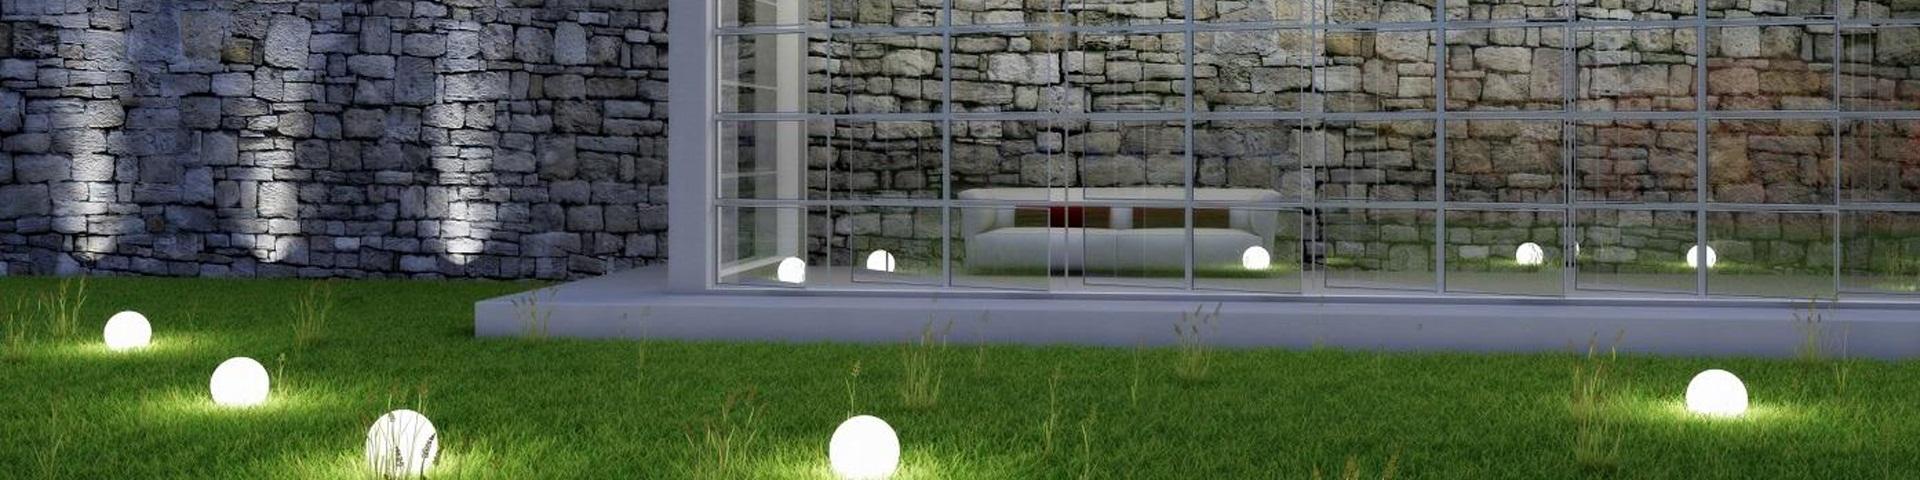 Проектирование и монтаж ландшафтного освещения